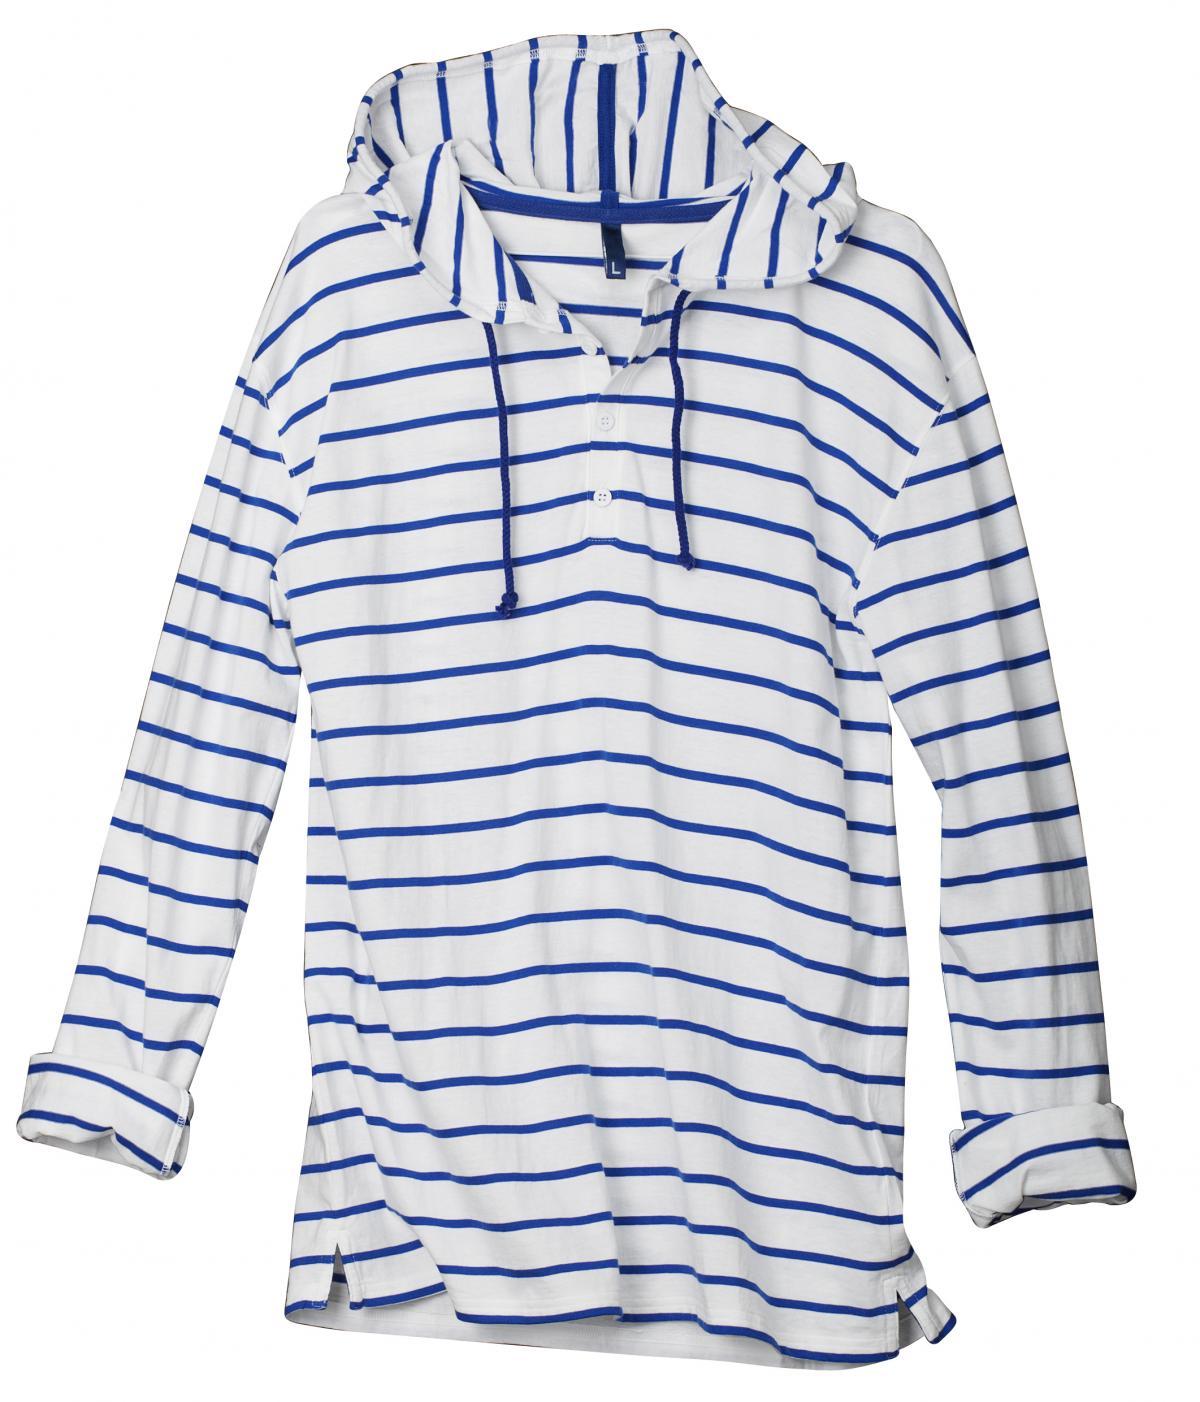 biały t-shirt H&M w paski - wiosna/lato 2011